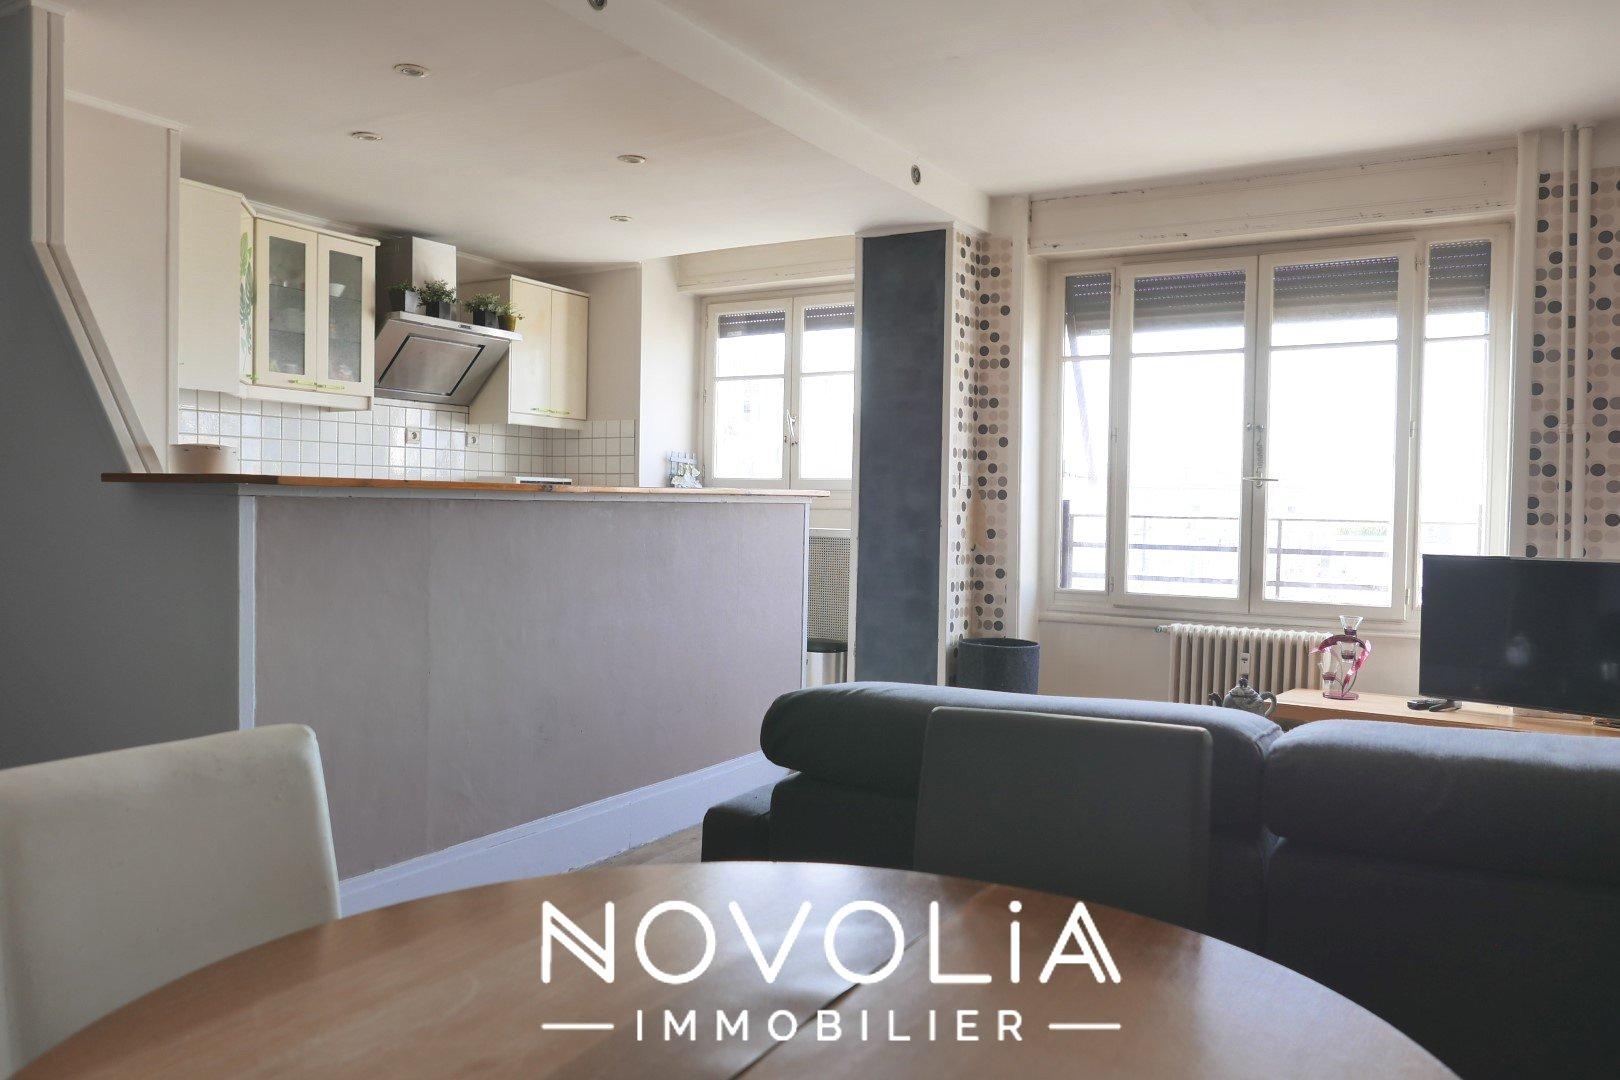 Achat Appartement Surface de 53 m², 2 pièces, Lyon 8ème (69008)